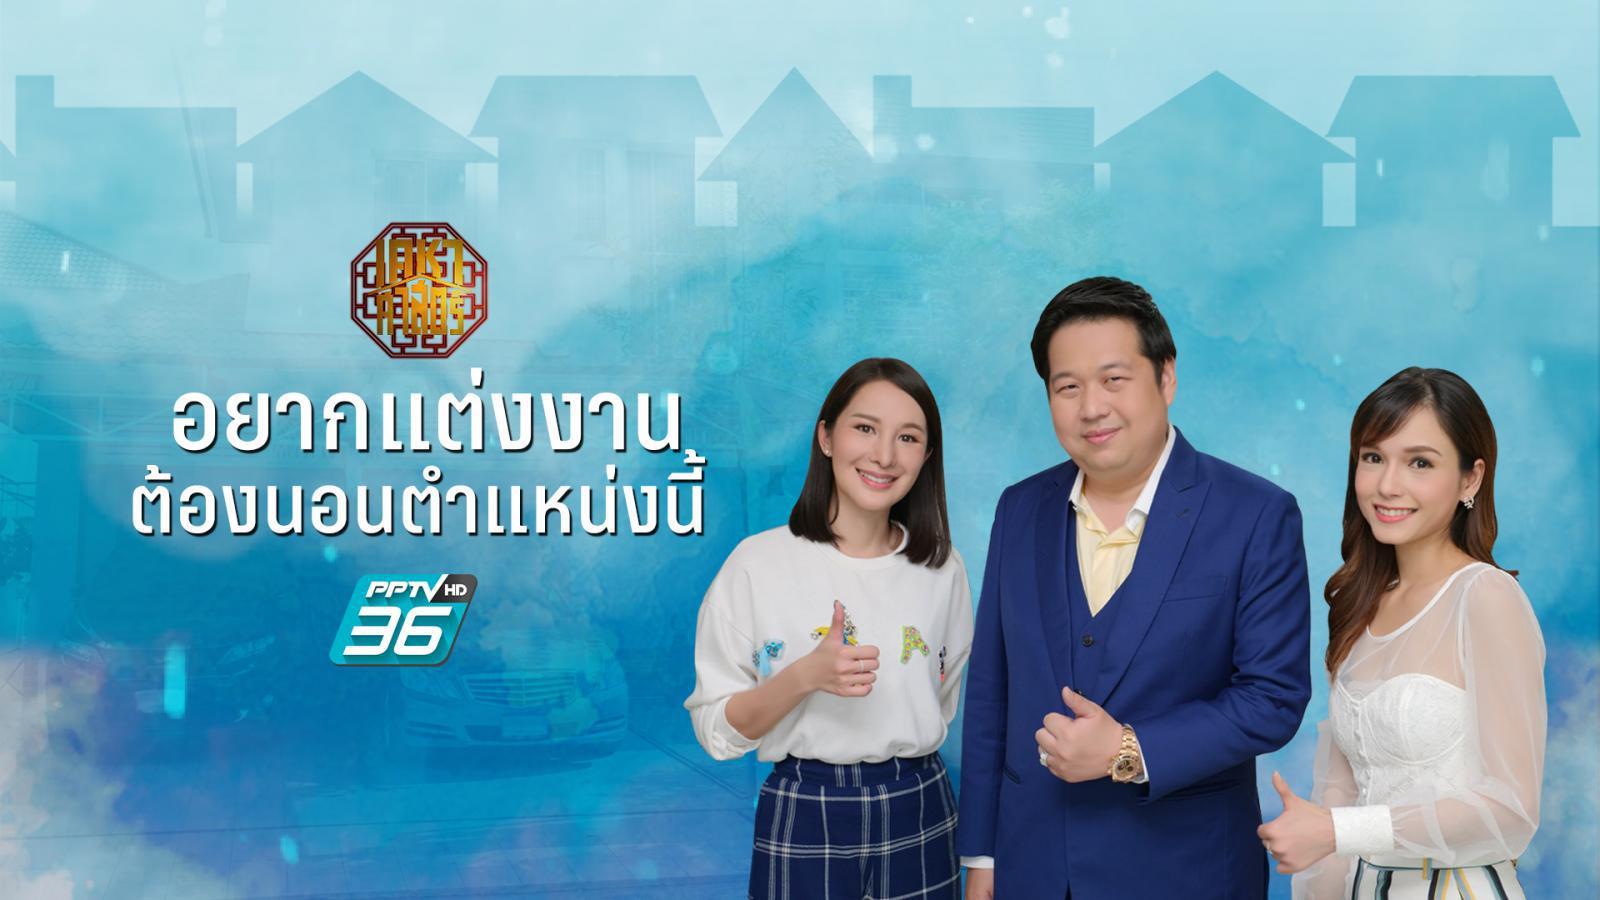 เคหาศาสตร์ | ตี่ลี่ ฮวงจุ้ย | นอนถูกที่ถูกทาง มีเกณฑ์แต่งงานแน่! | PPTV HD 36